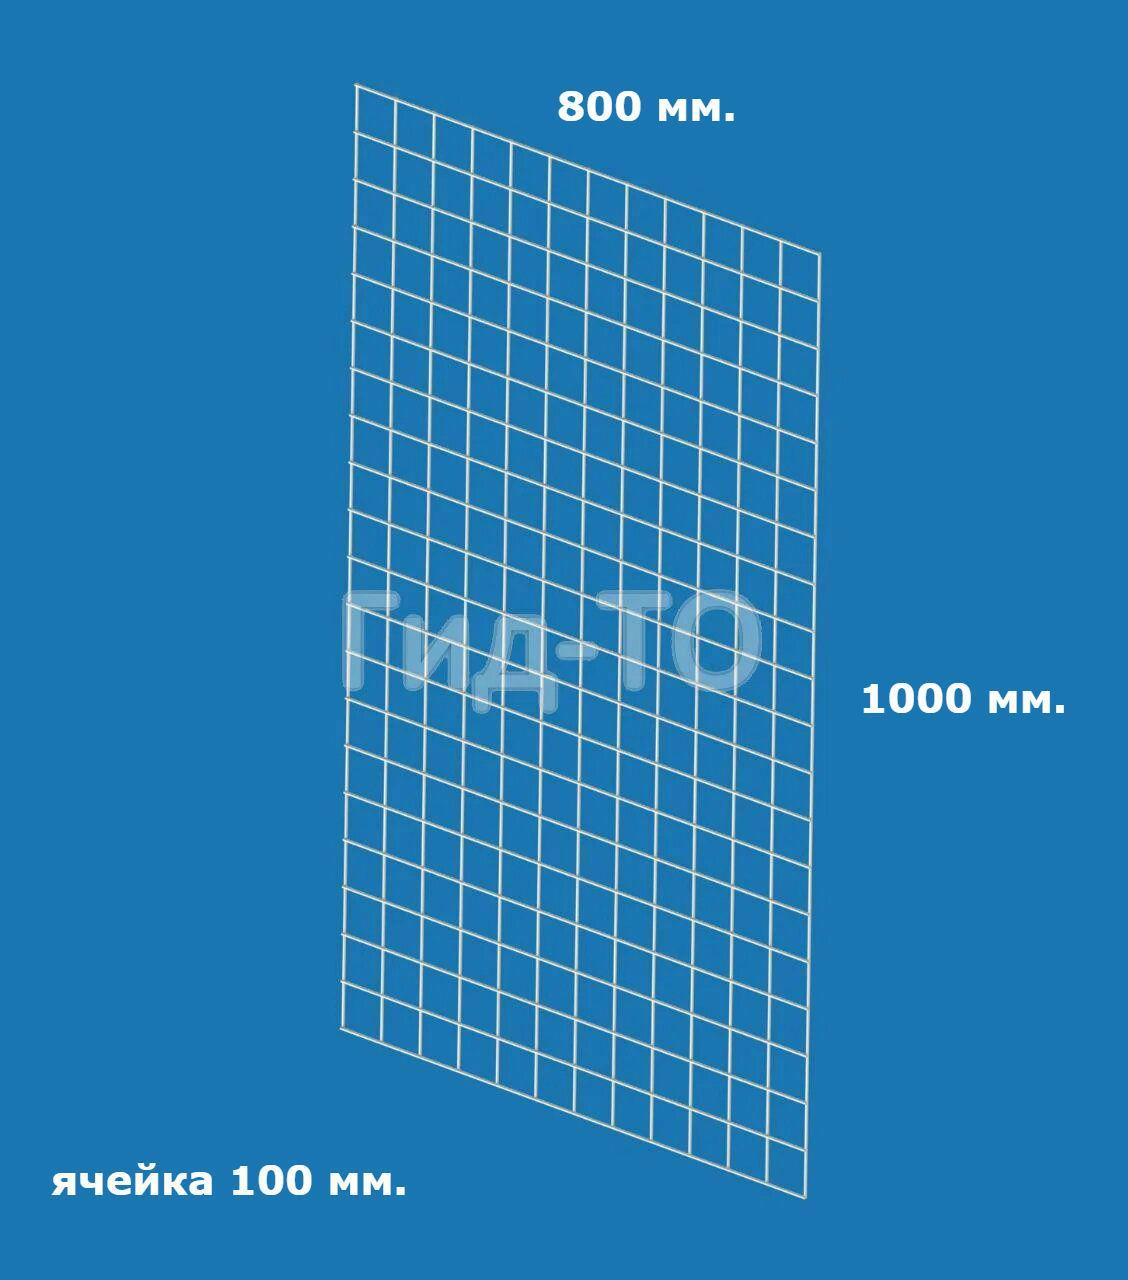 Сетка торговая (1000х800) ячейка 100 мм.